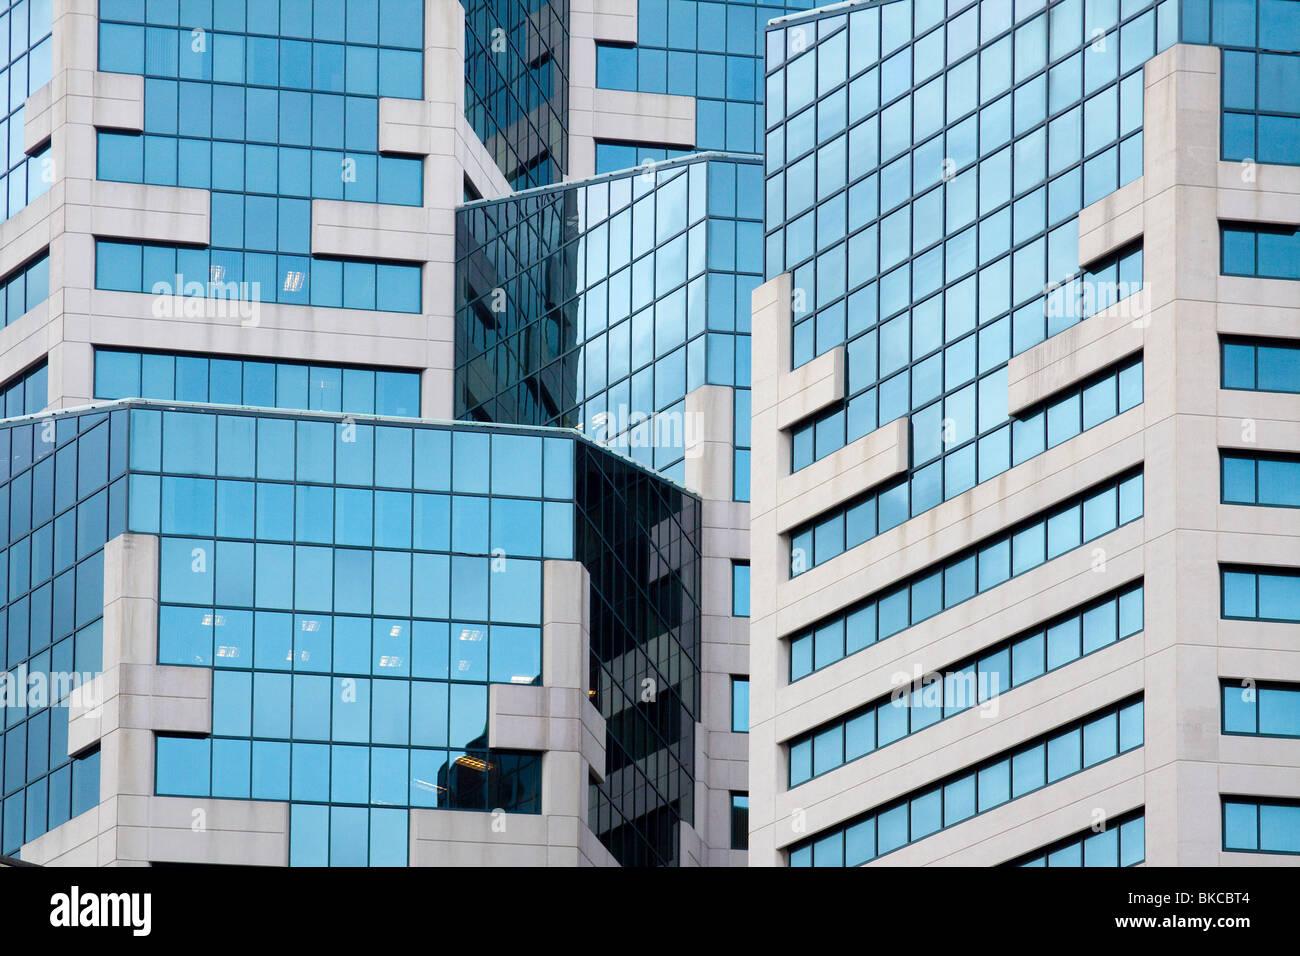 Dettaglio della moderna architettura dell'hotel Westin San Diego hotel nel centro cittadino di San Diego in Immagini Stock